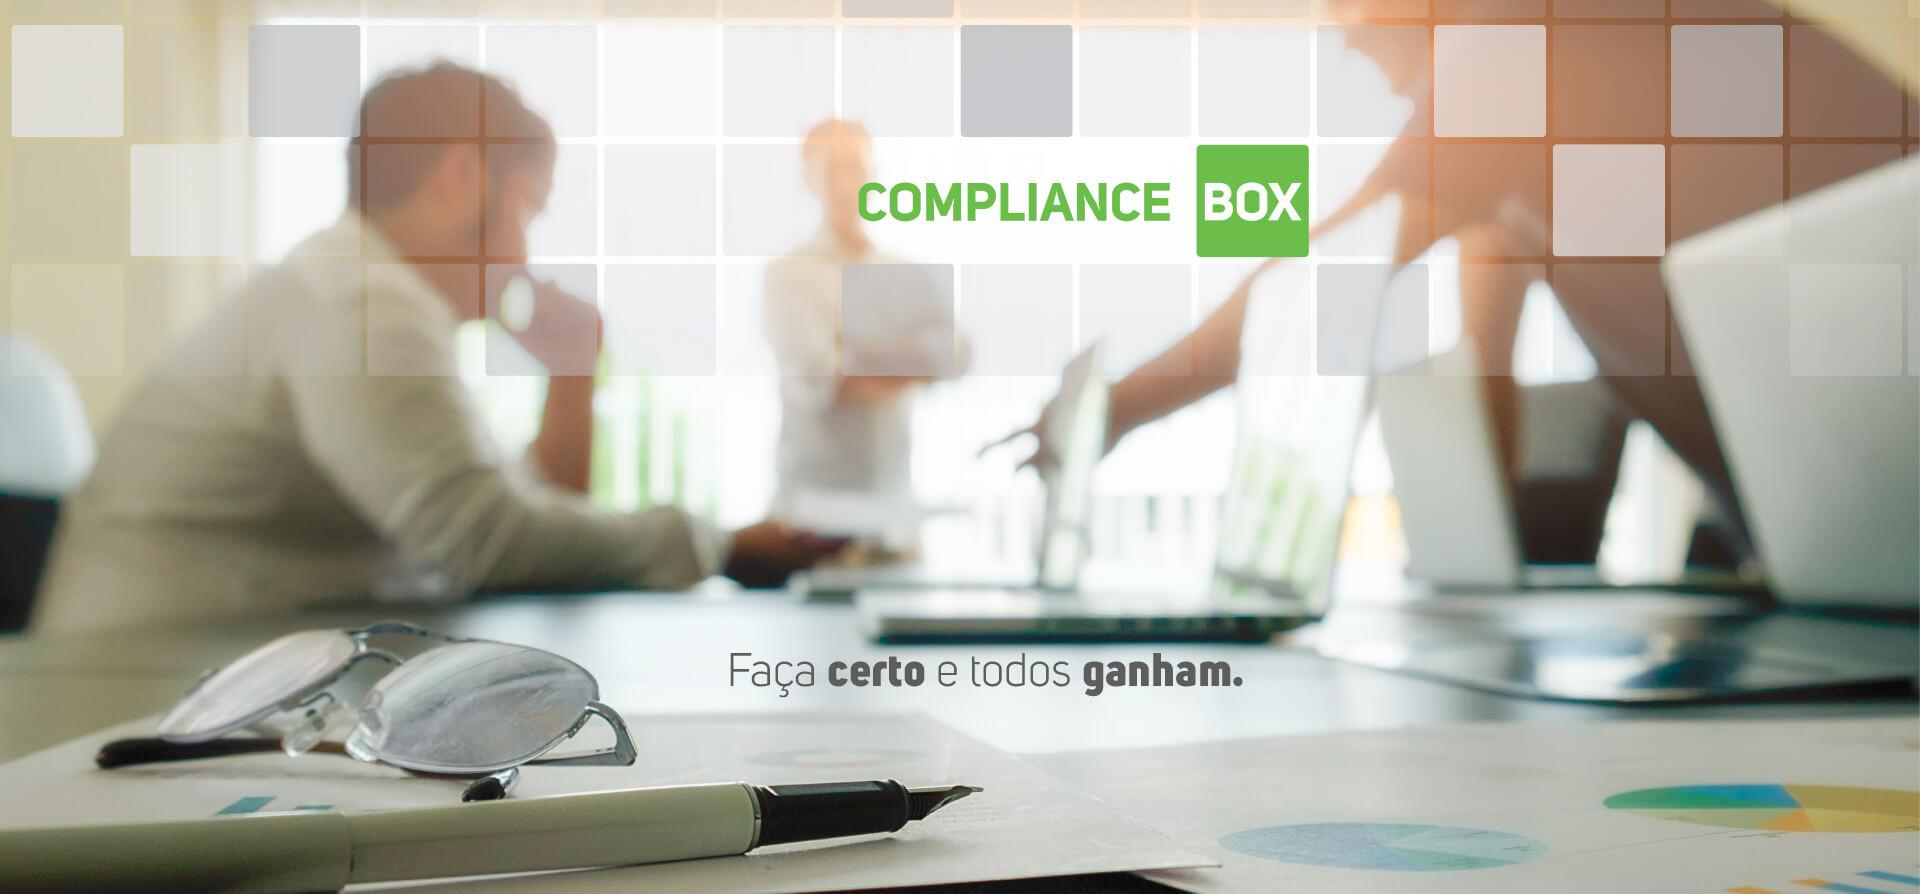 cabecalho-compliance-box